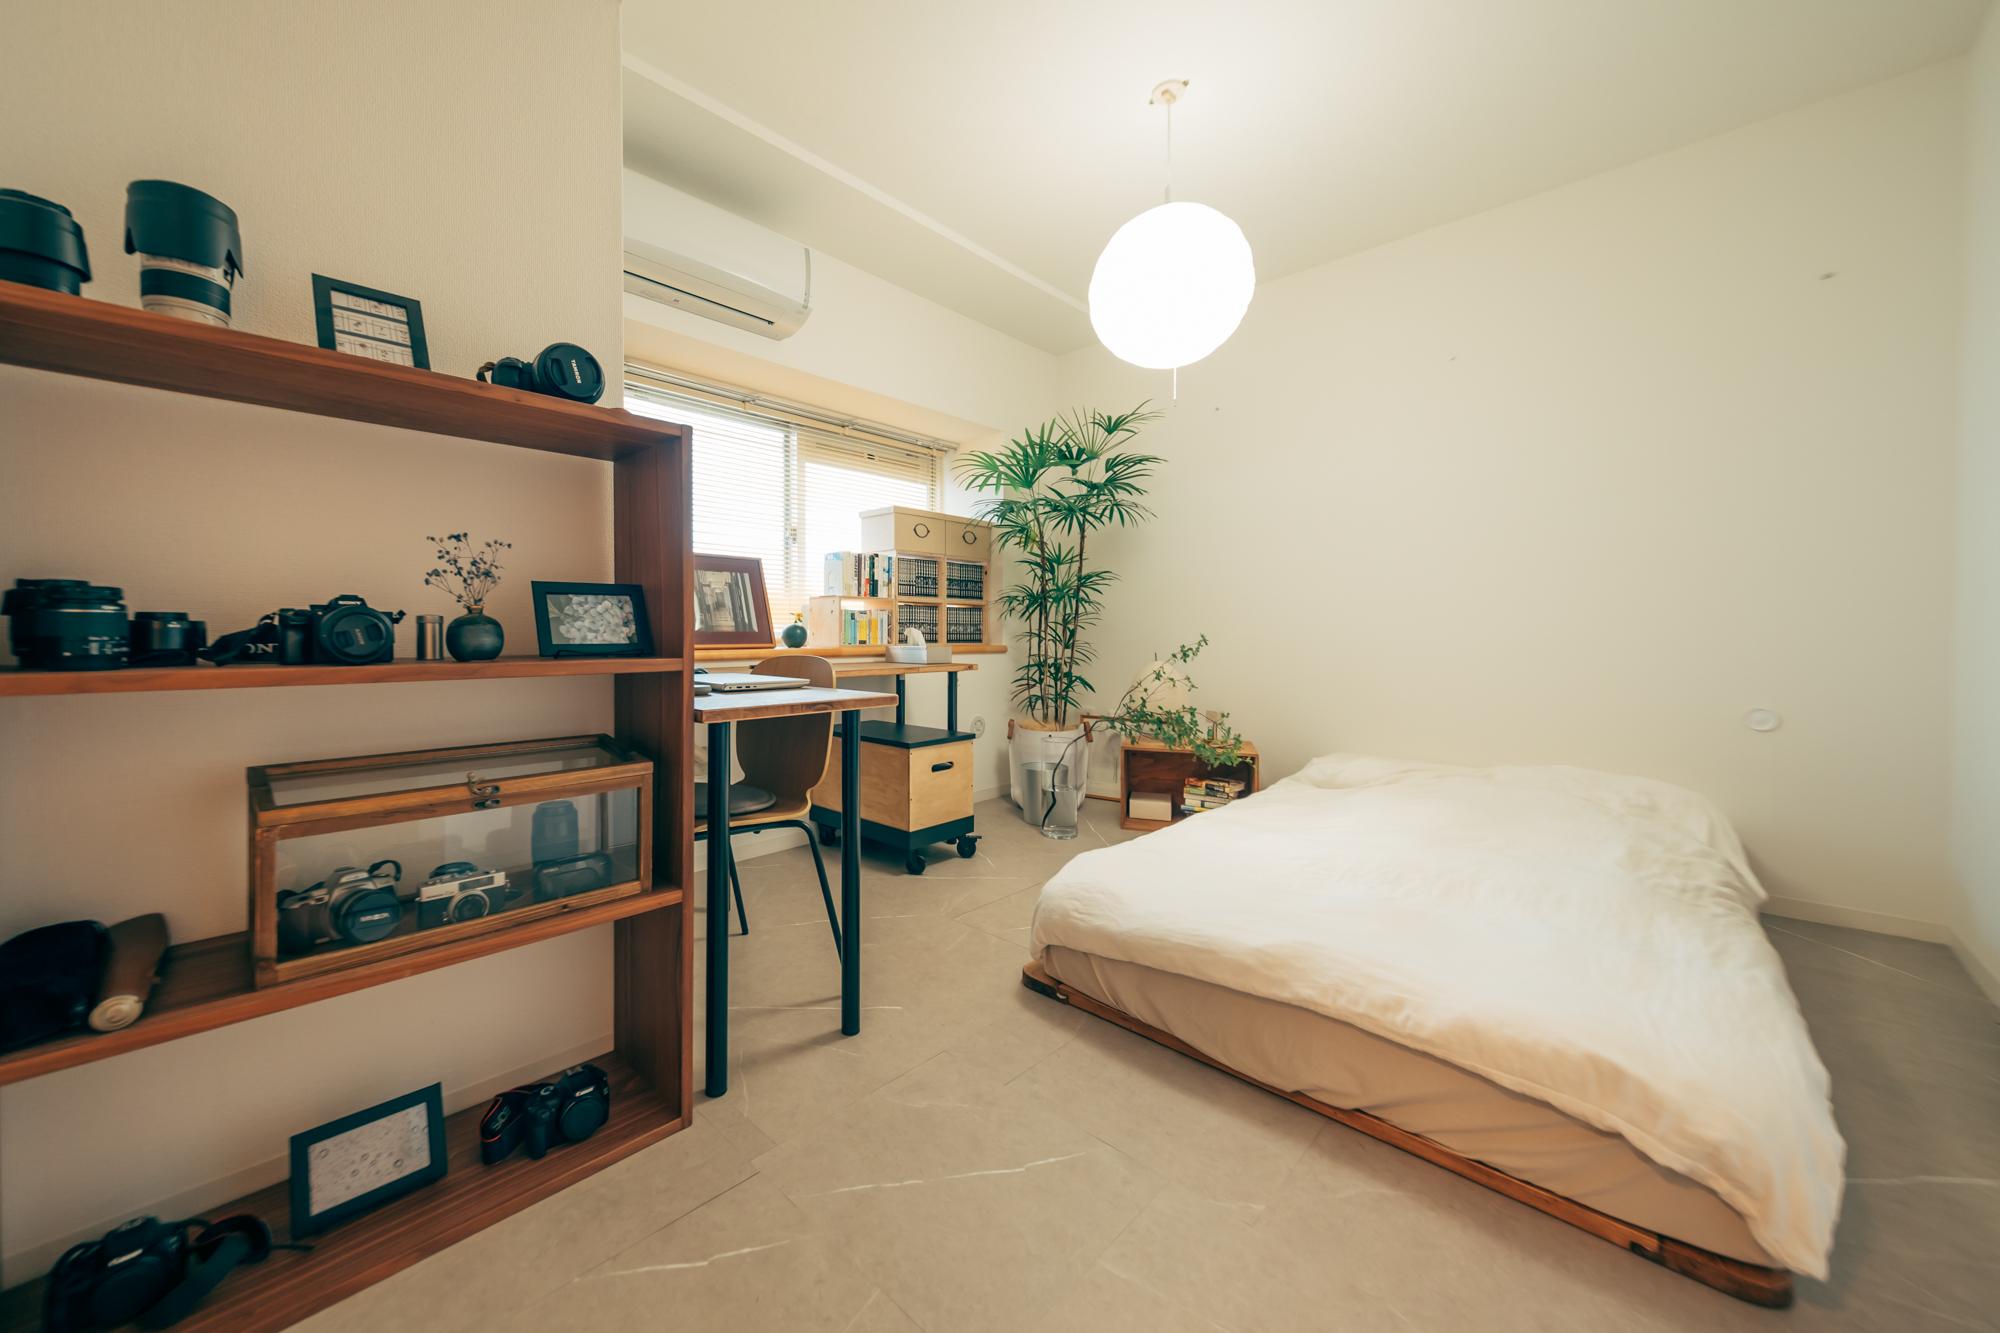 こちらが、玄関横にある寝室。写真右手には大きめのクローゼットがあり、お二人の荷物はクローゼットの中に整頓して全て収められています。